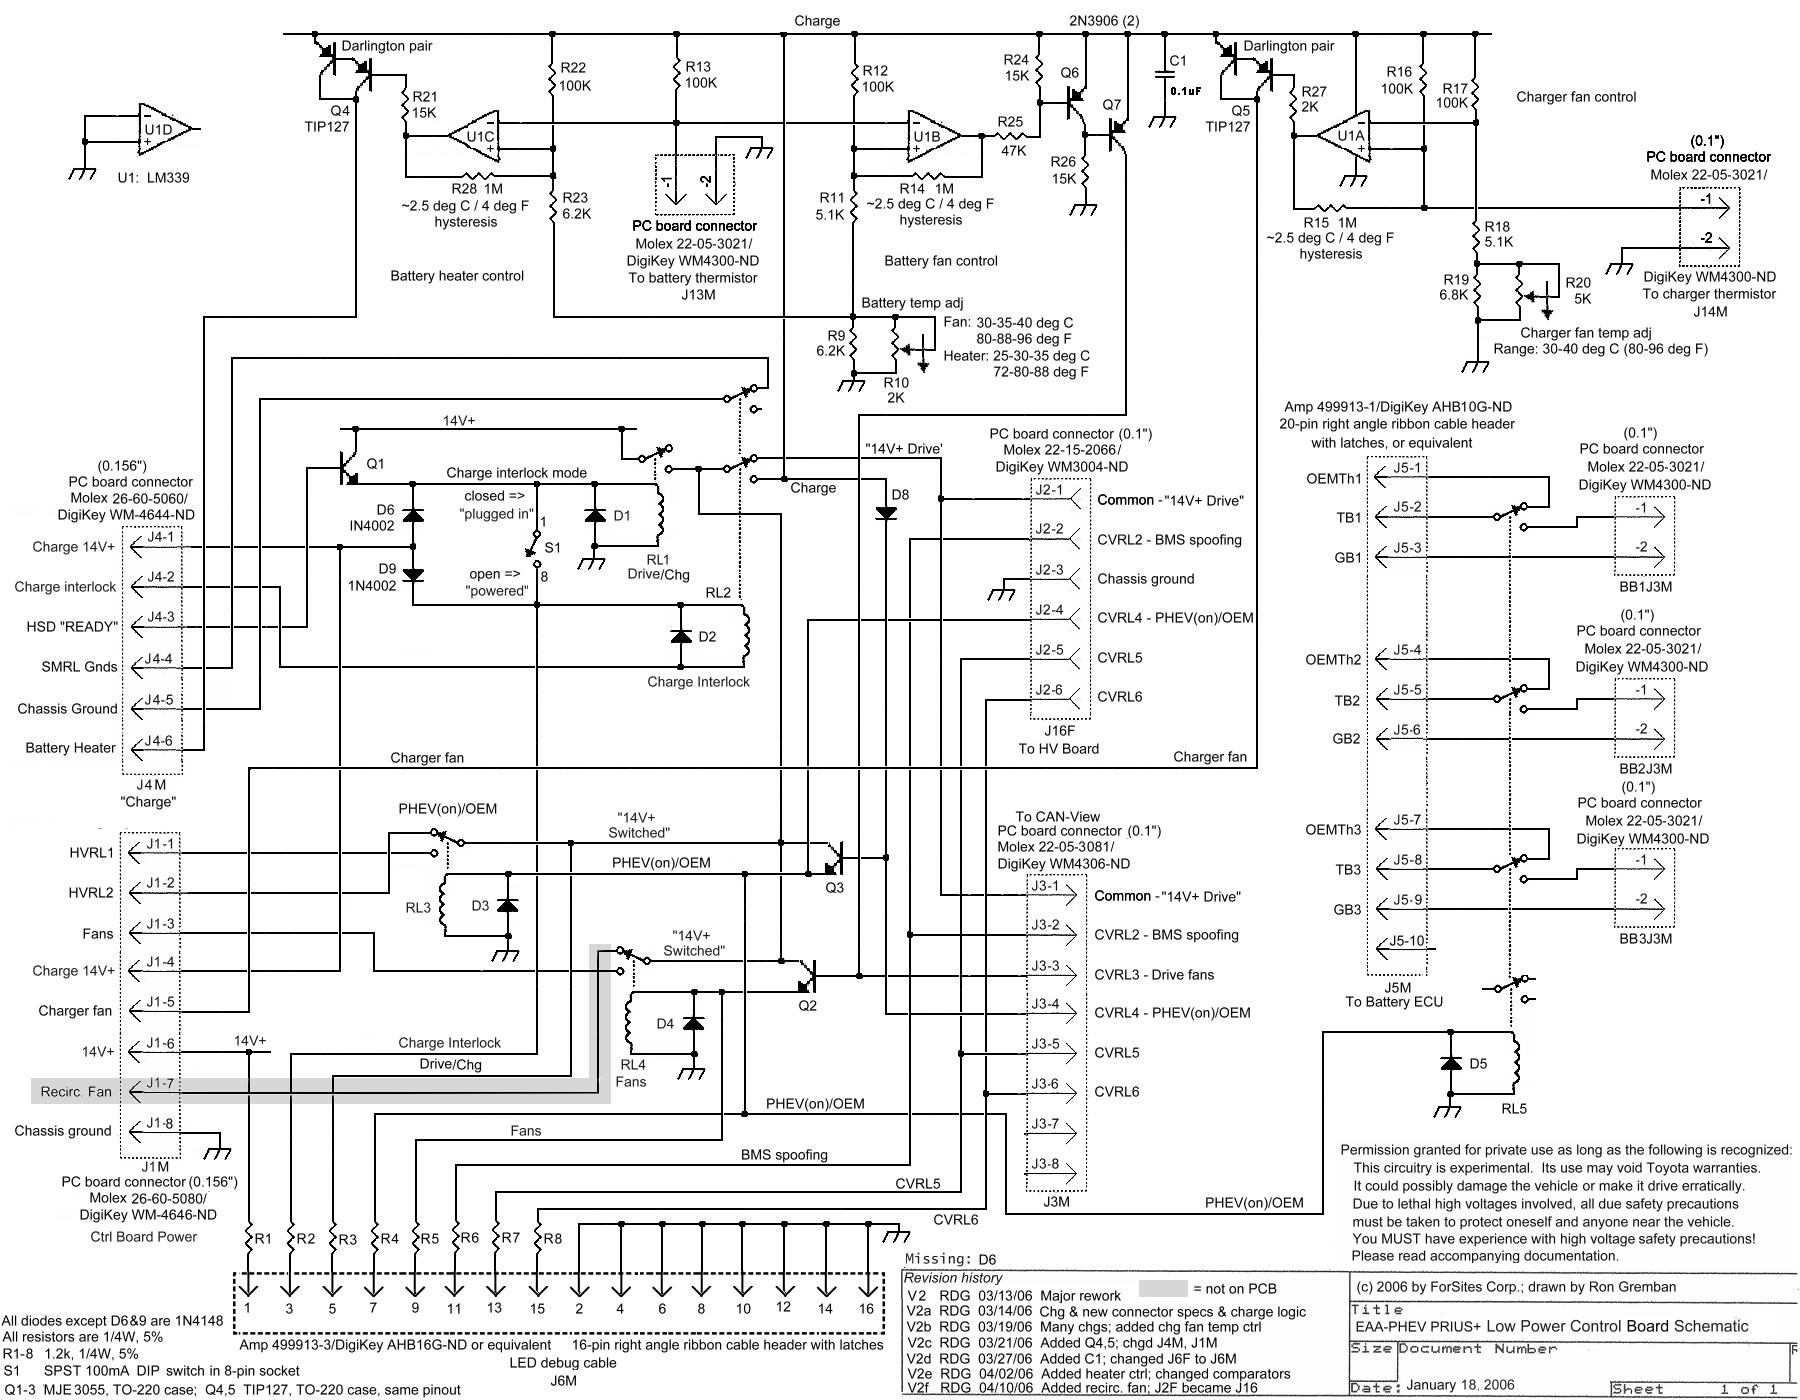 Template Priusplus Schematics